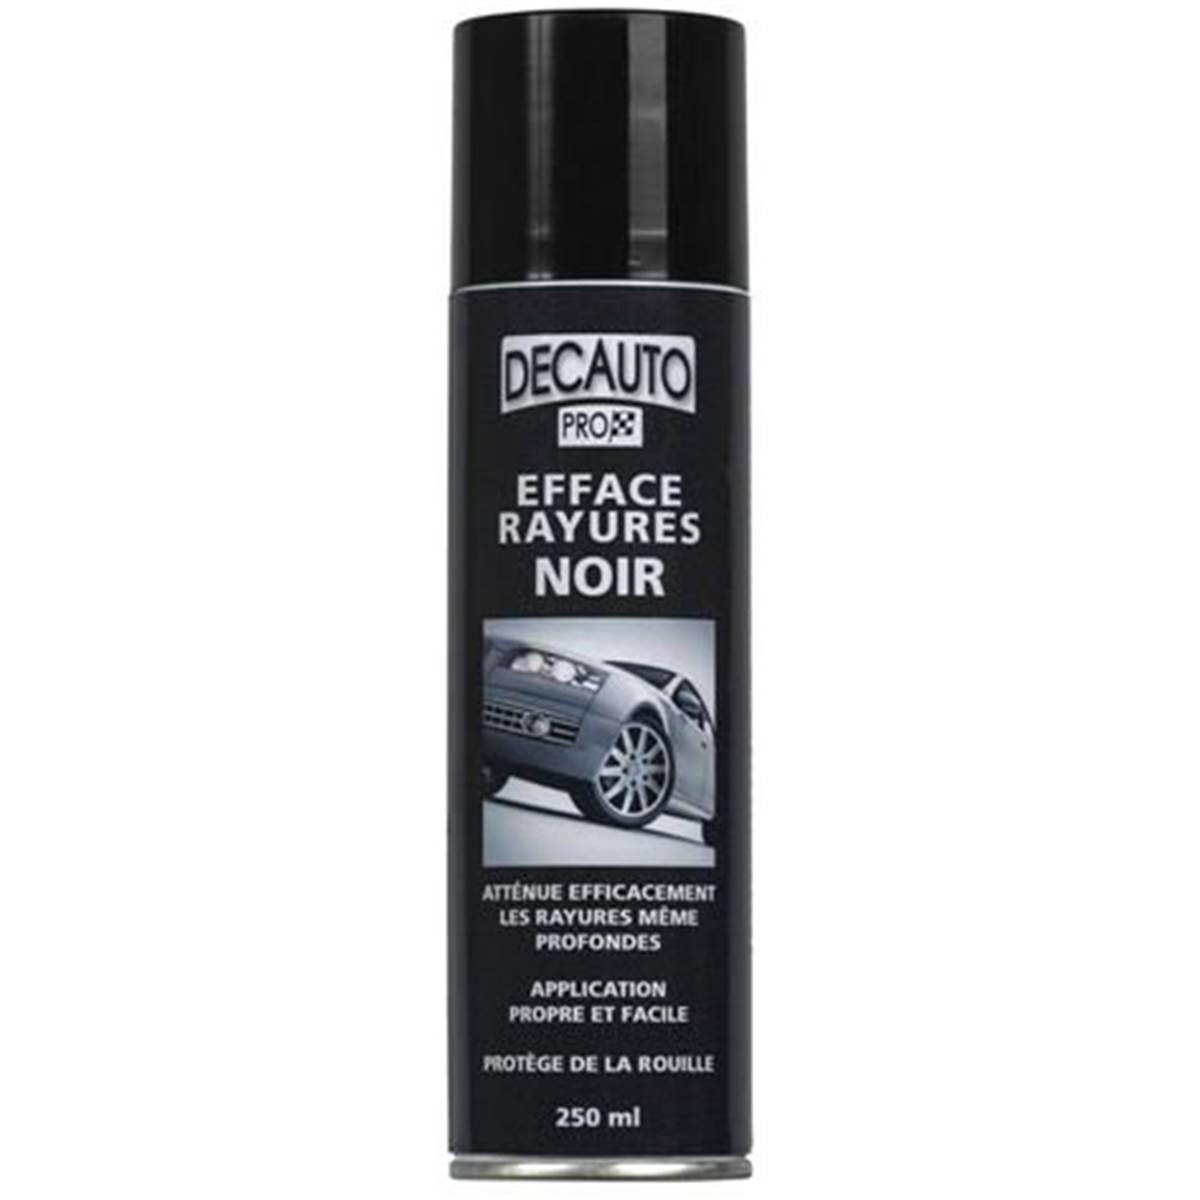 Efface rayures noir en spray, 250 ml